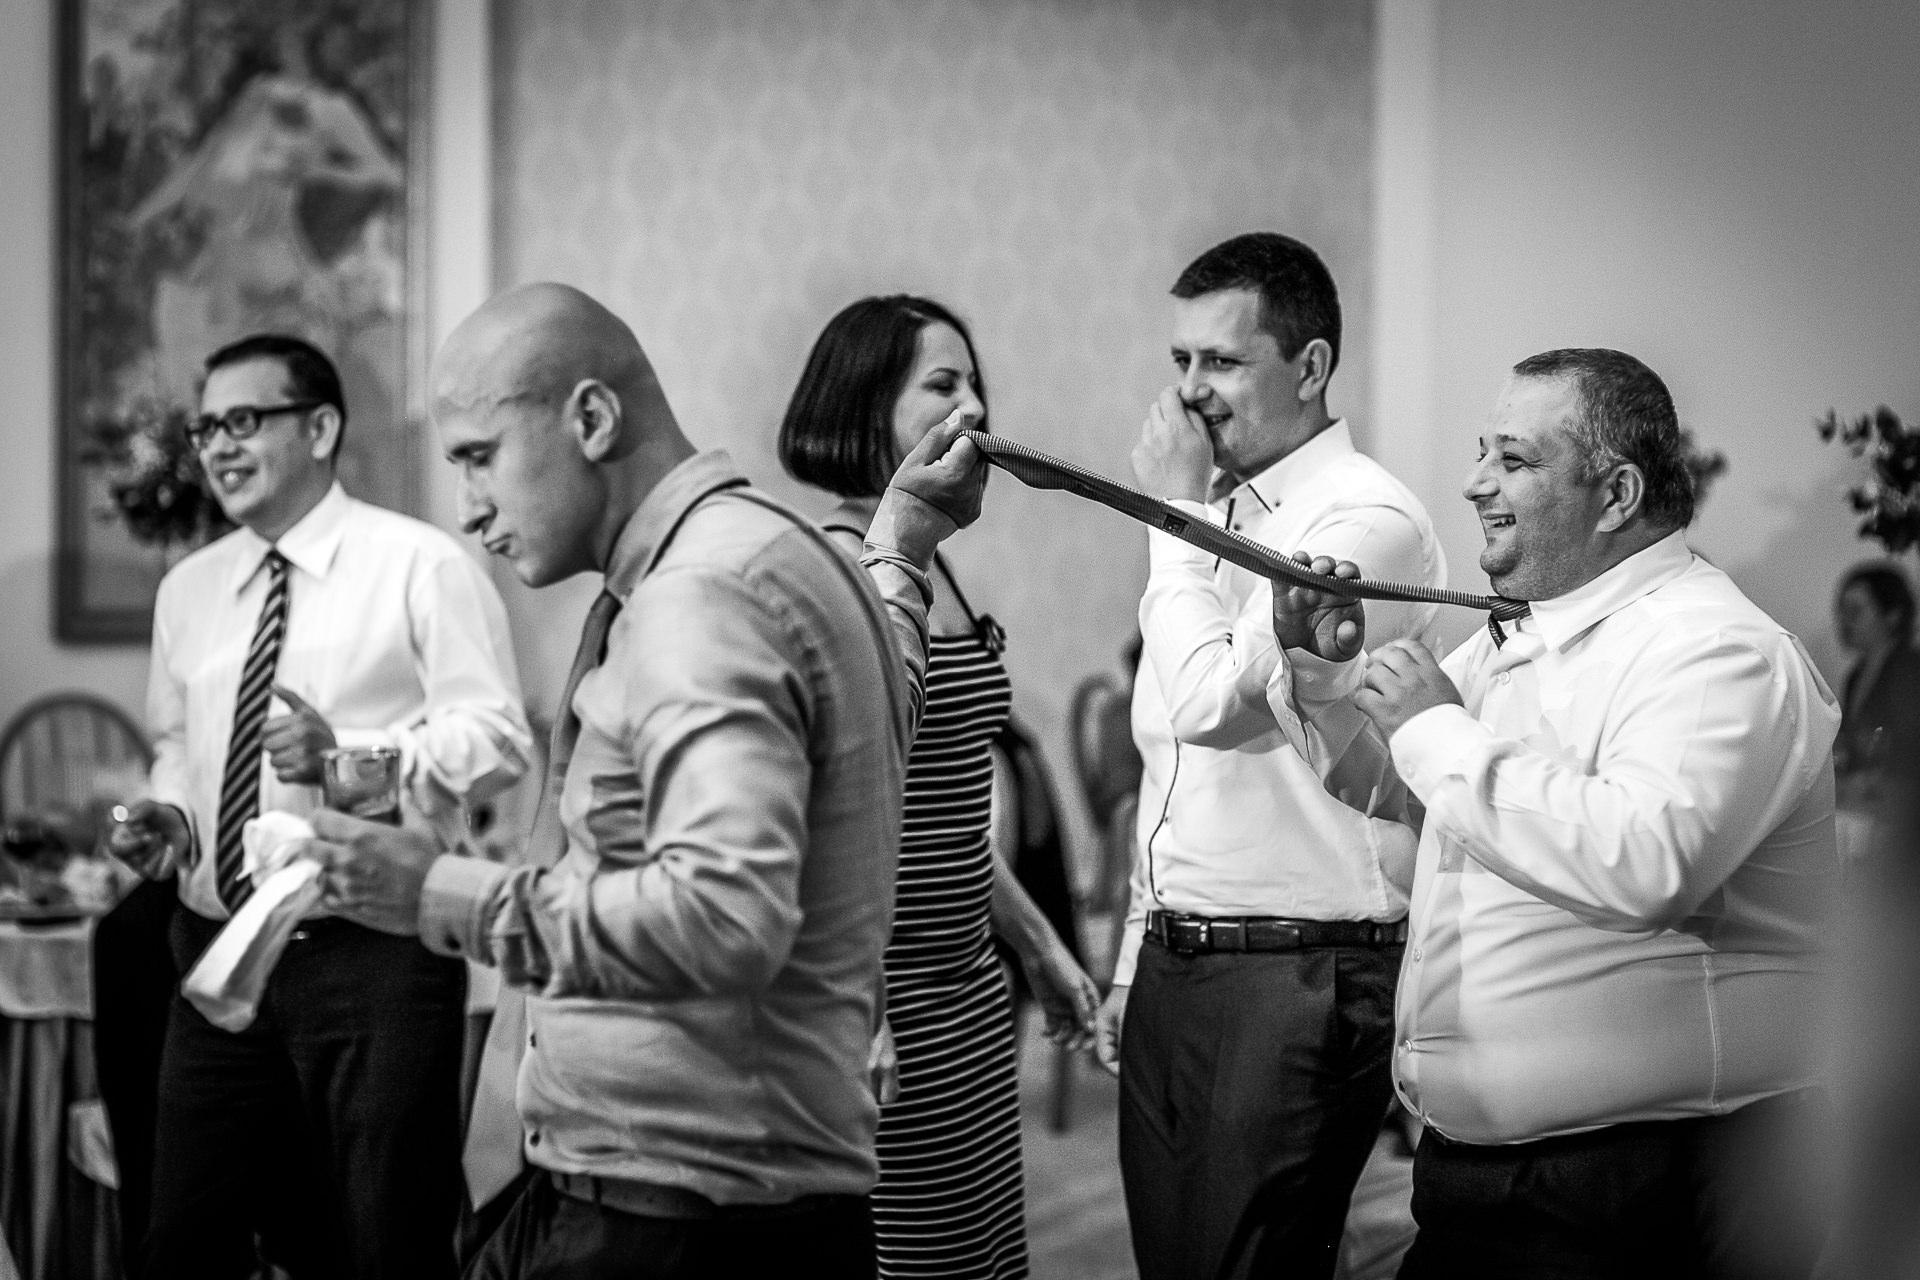 nuntă Salon Elisabeta - Elena şi Costin - Mihai Zaharia Photography - 080